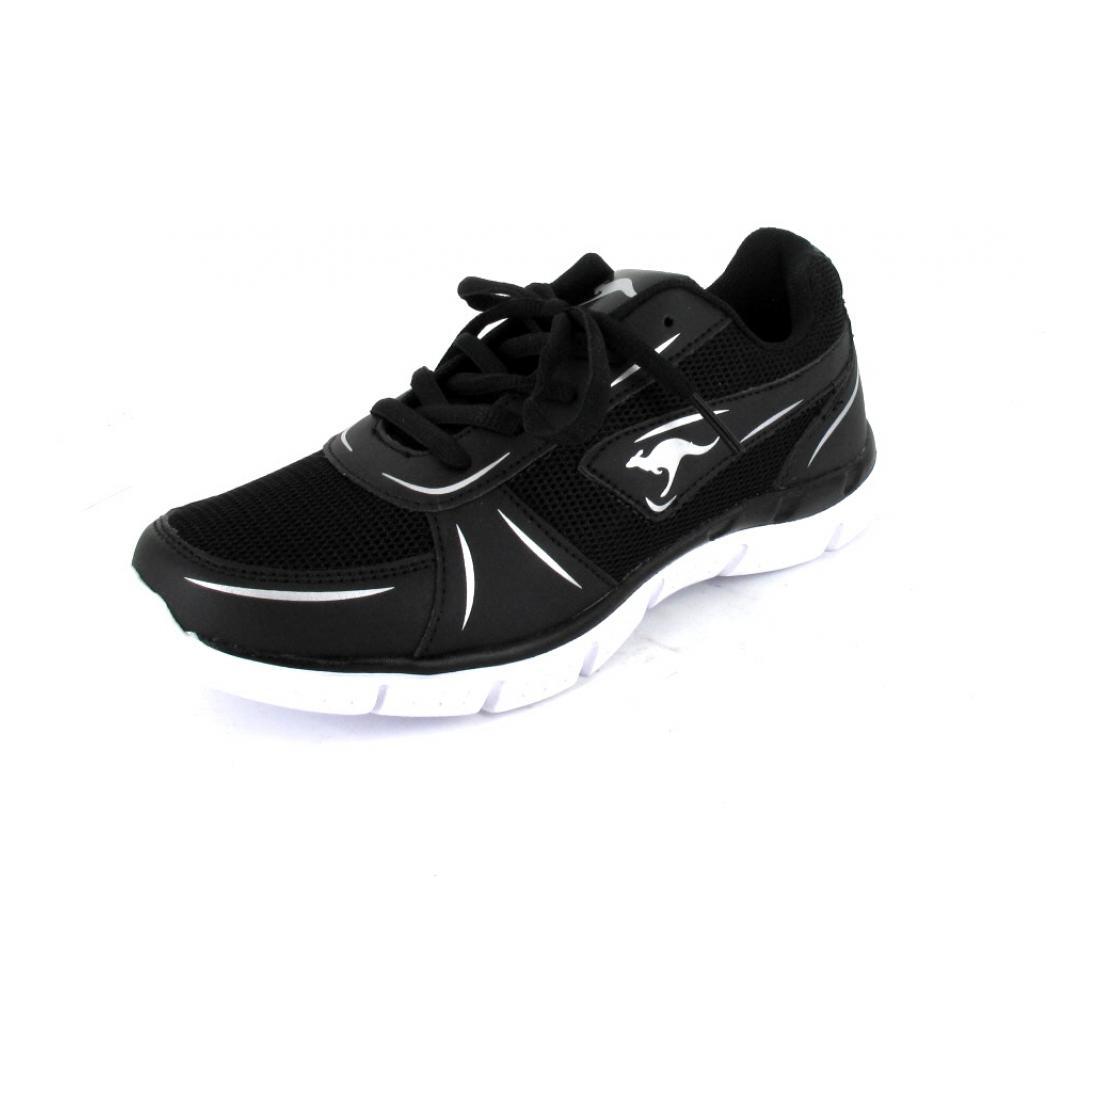 KangaRoos Sneaker K-REG